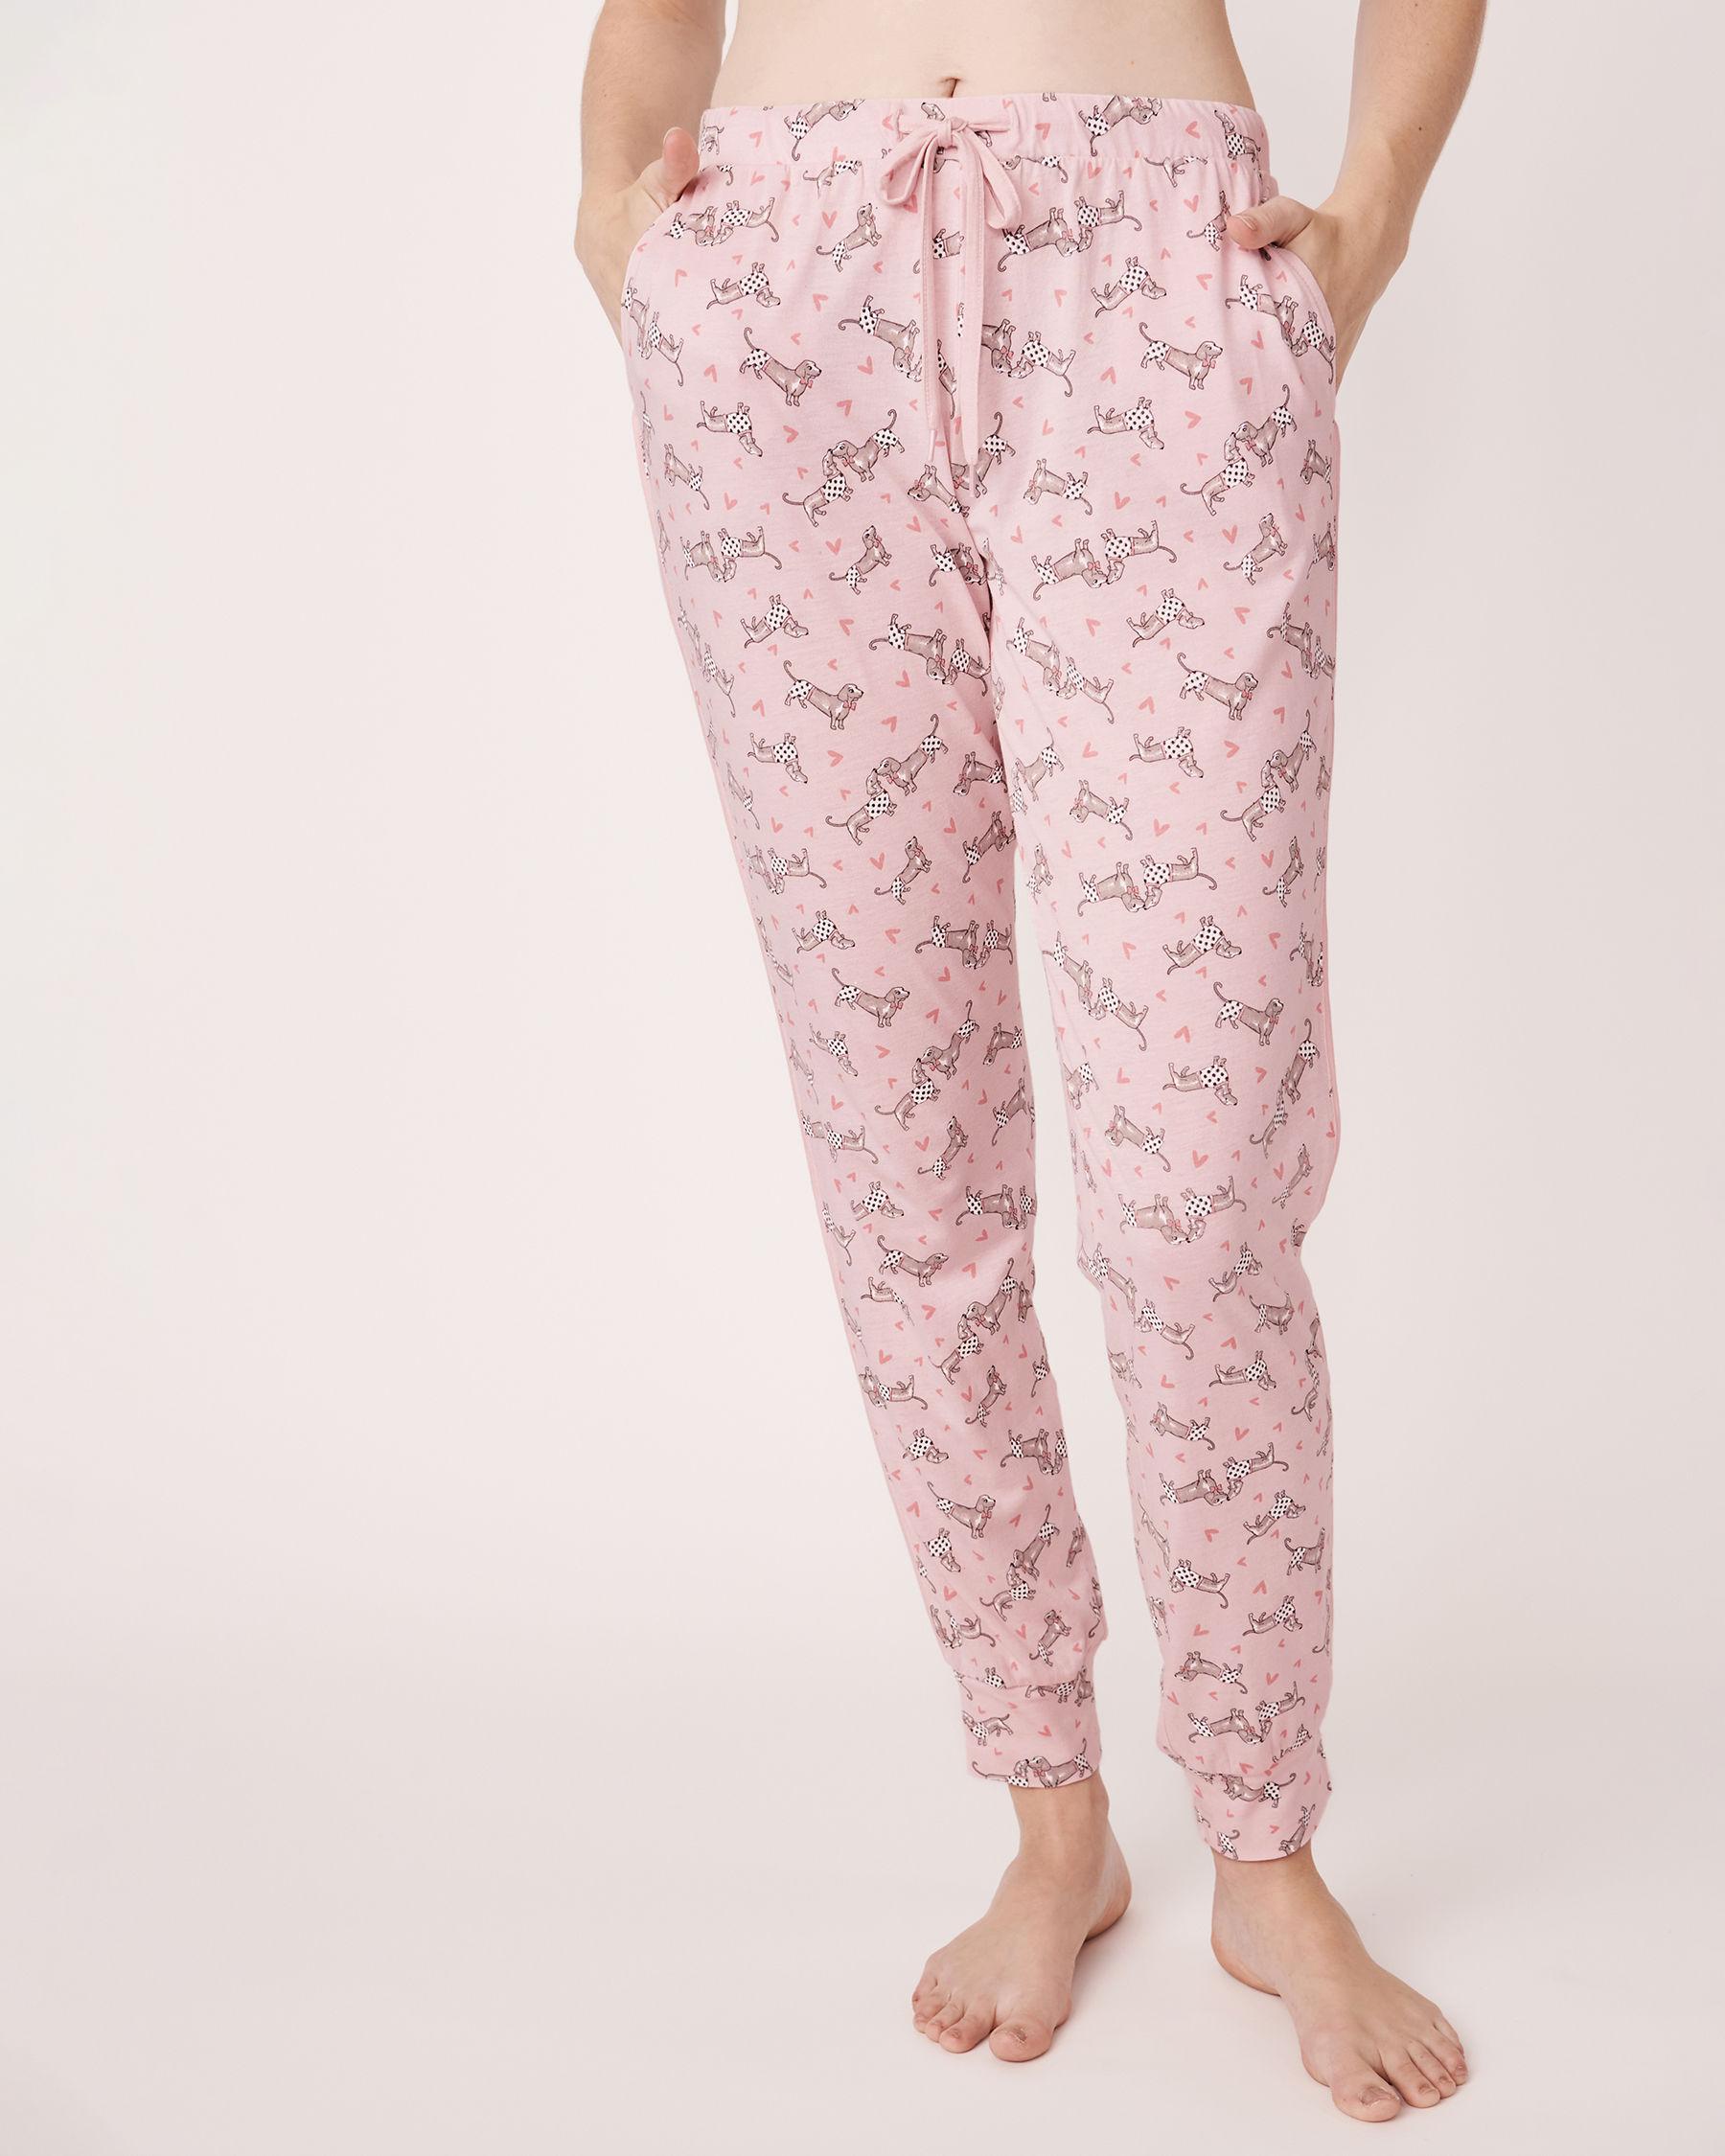 LA VIE EN ROSE Pantalon ajusté avec poches Imprimé chien 770-319-1-11 - Voir1